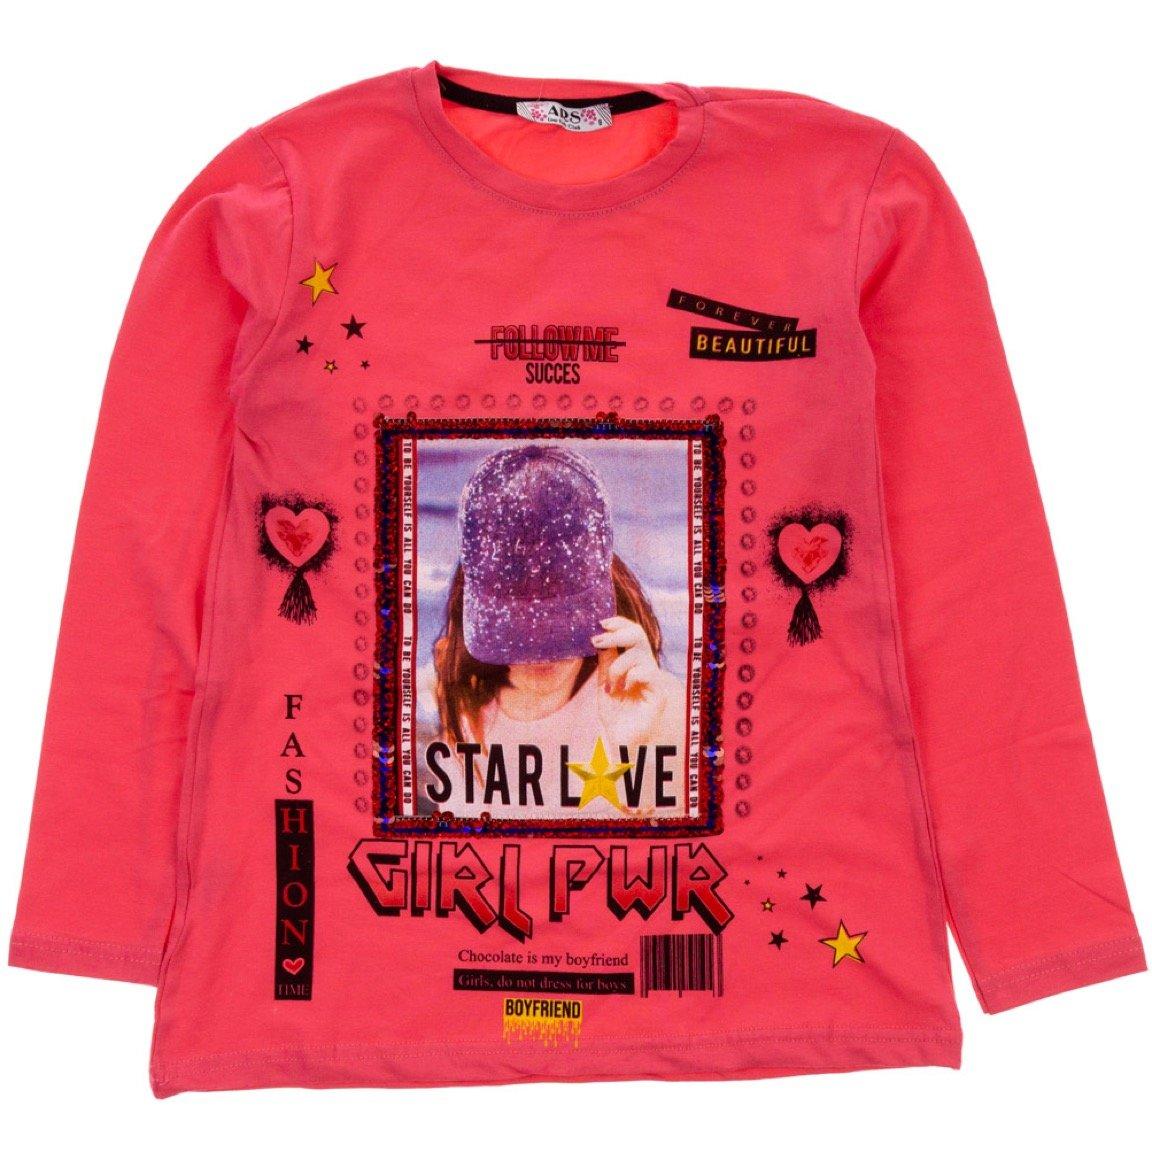 ARS παιδική εποχιακή μπλούζα «Fuchsia Girl Power»